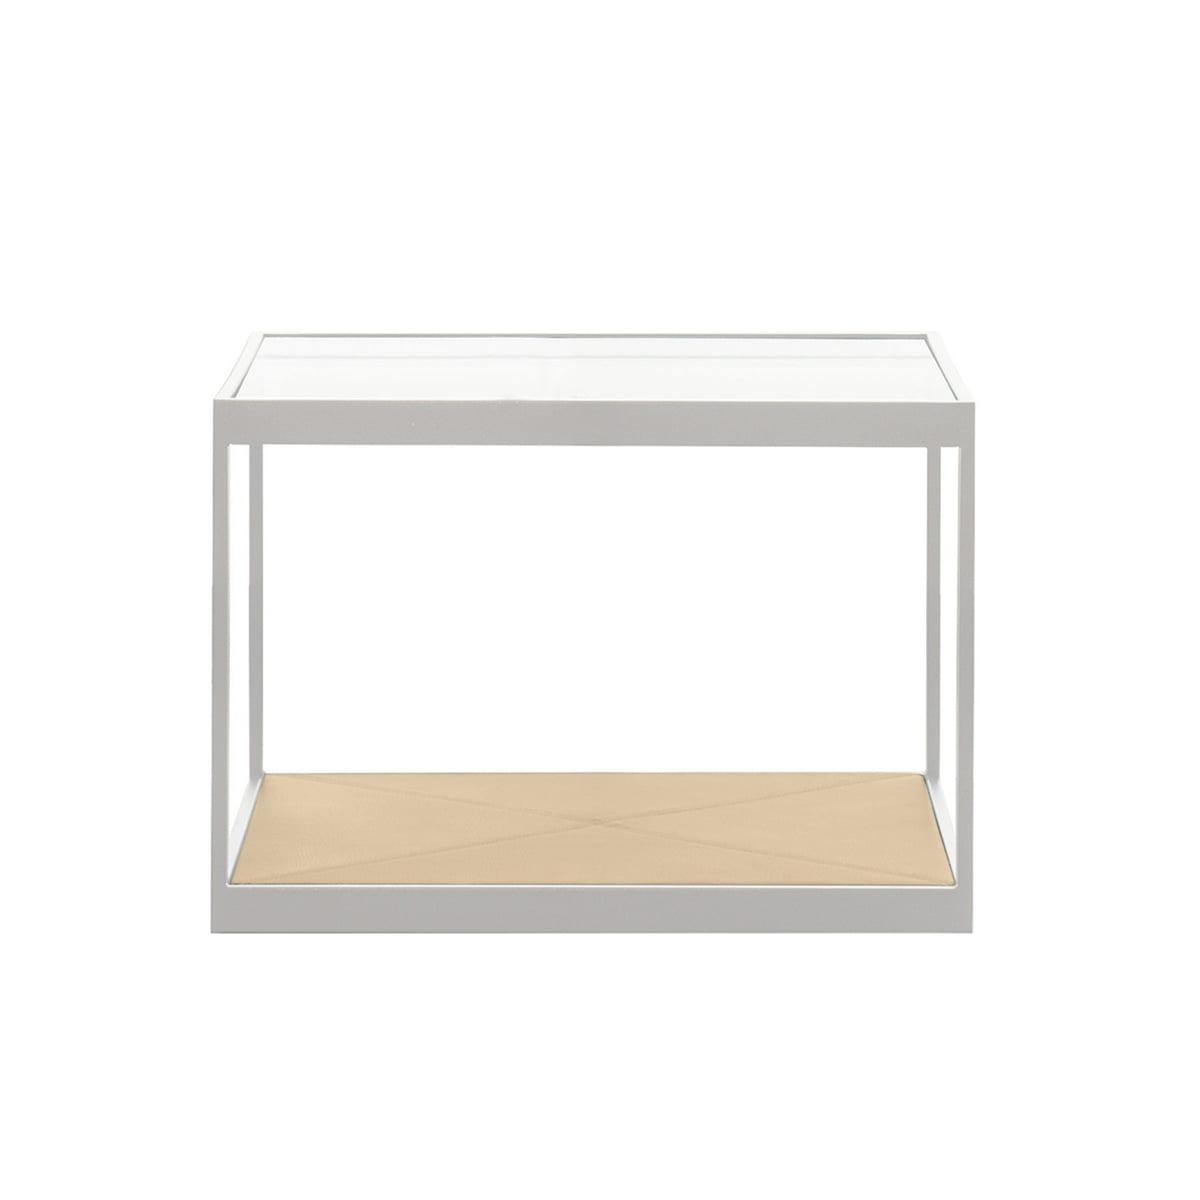 sélection premium b3e88 e8157 Röshults - Table basse Monaco 50 x 50 cm, blanc/cuir (Elmobaltique 02001)